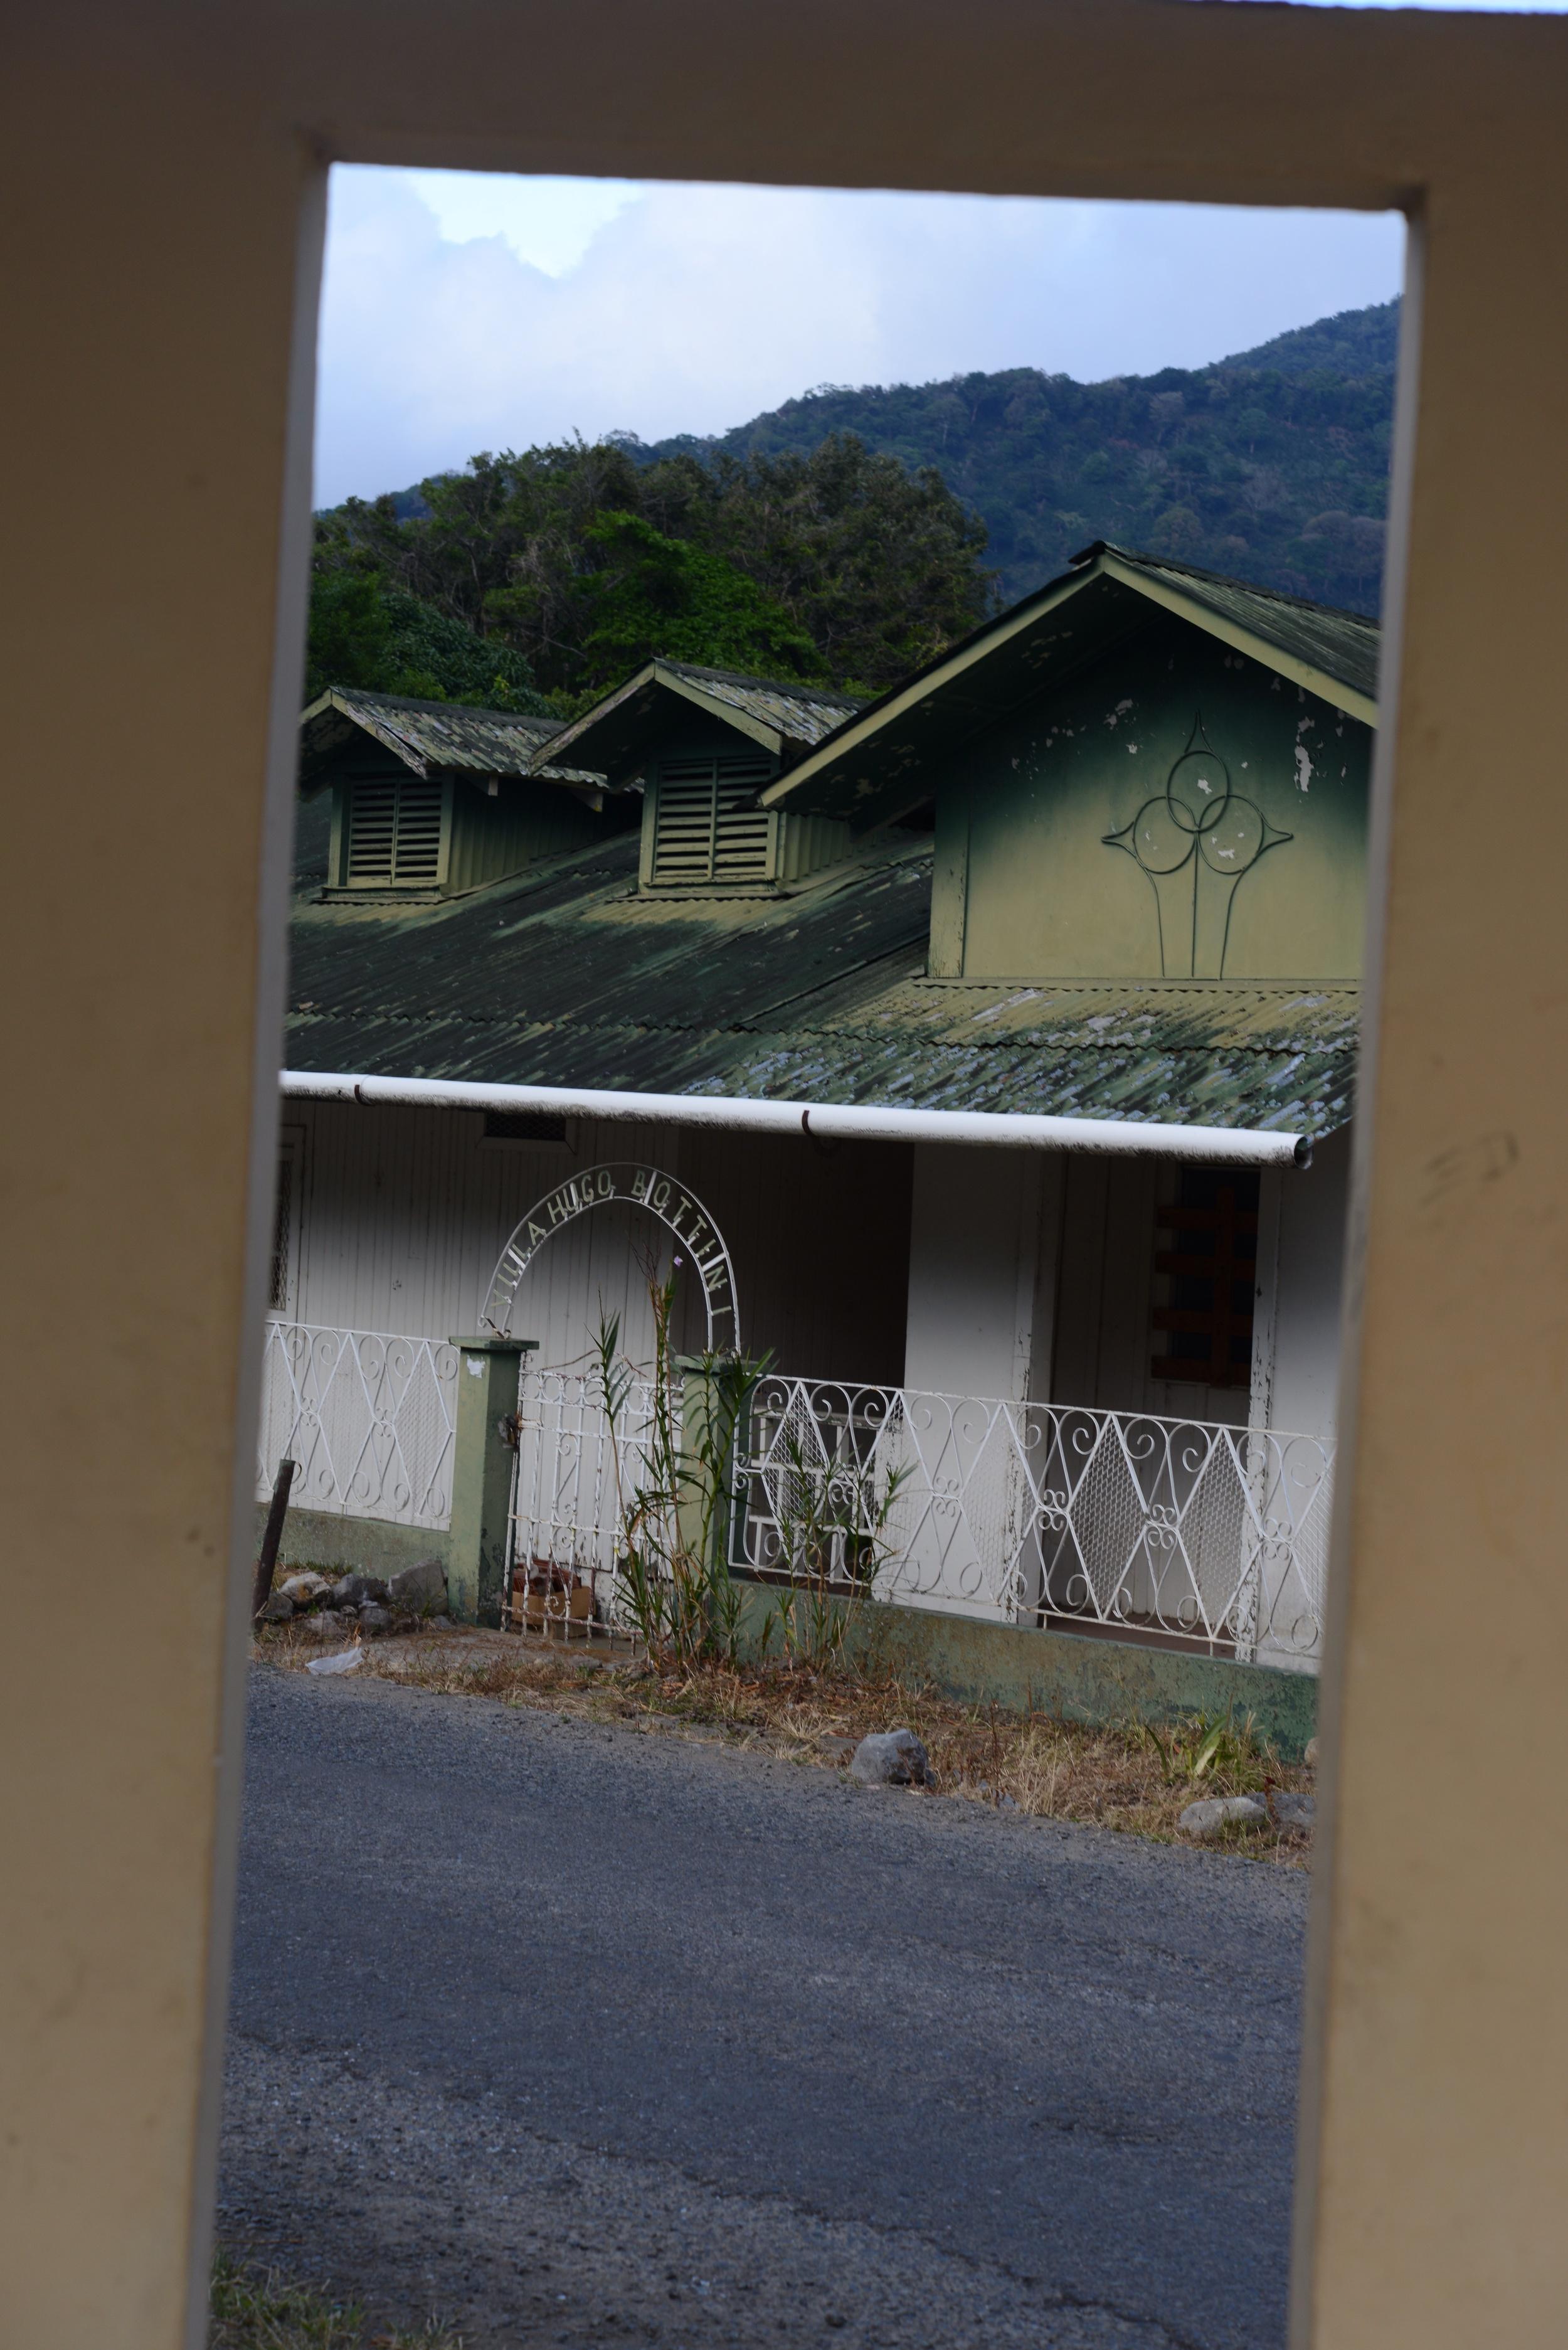 best houses are deserted houses (c) Dhana Loner